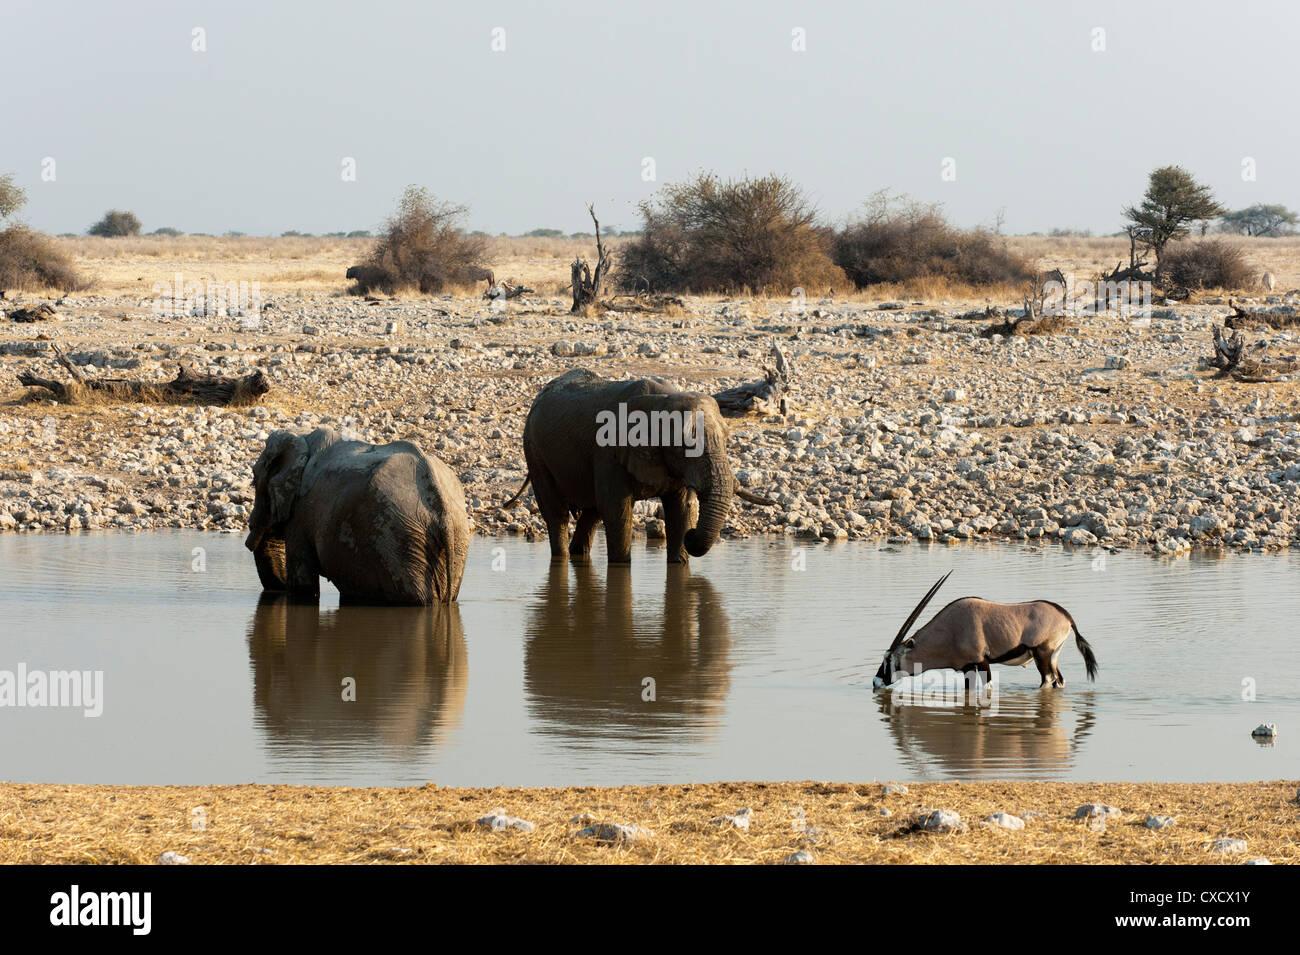 African elephant (Loxodonta africana), Etosha National Park, Namibia, Africa - Stock Image